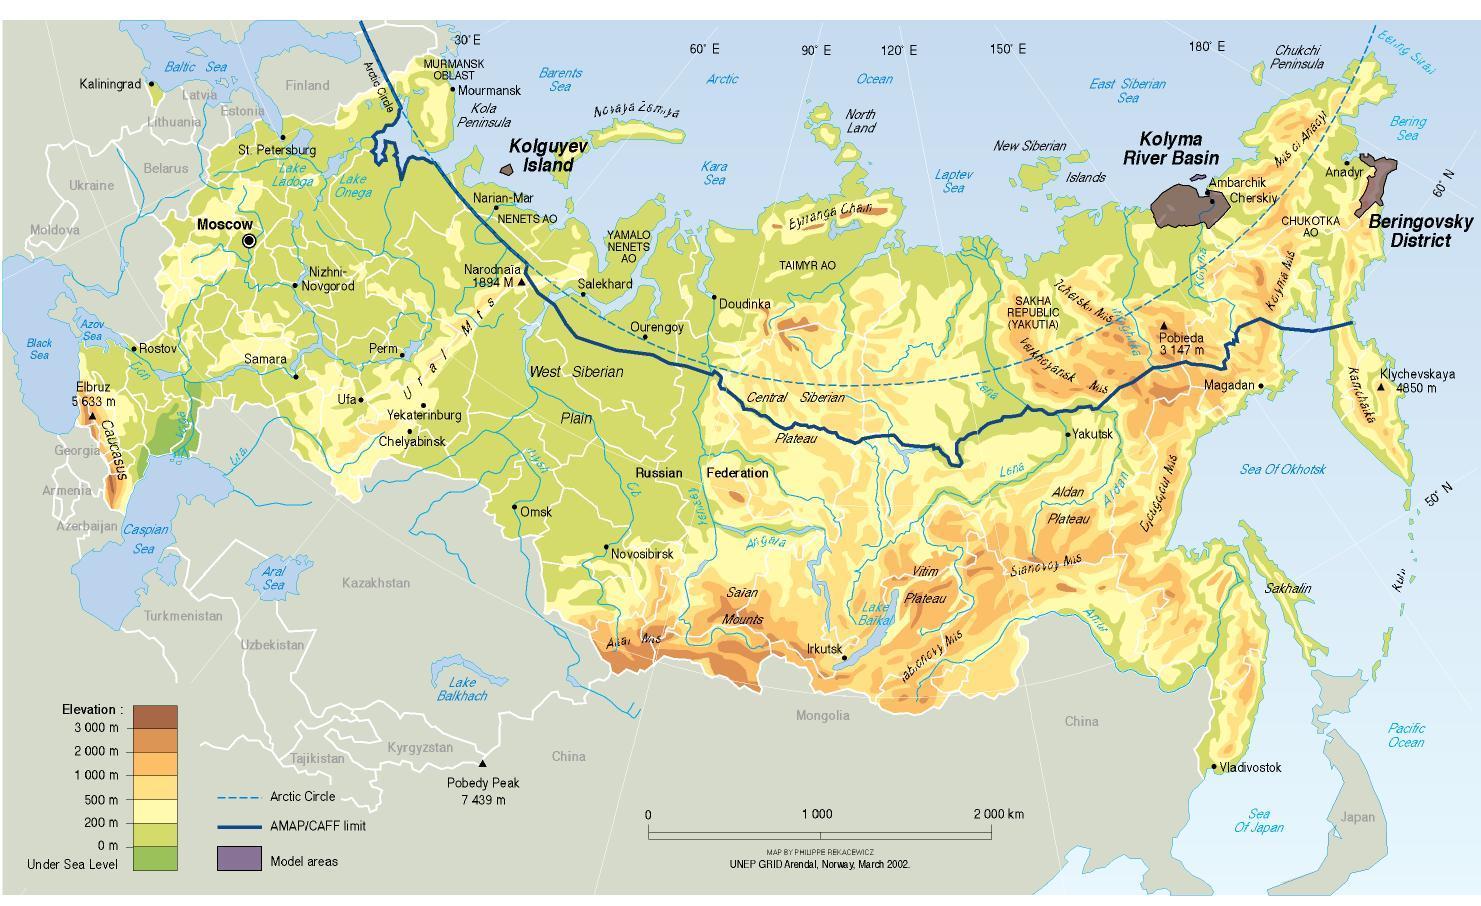 Cartina Fisica E Politica Della Russia.Mappa Fisica Della Russia Mappa Fisica Russia Europa Dell Est Europa